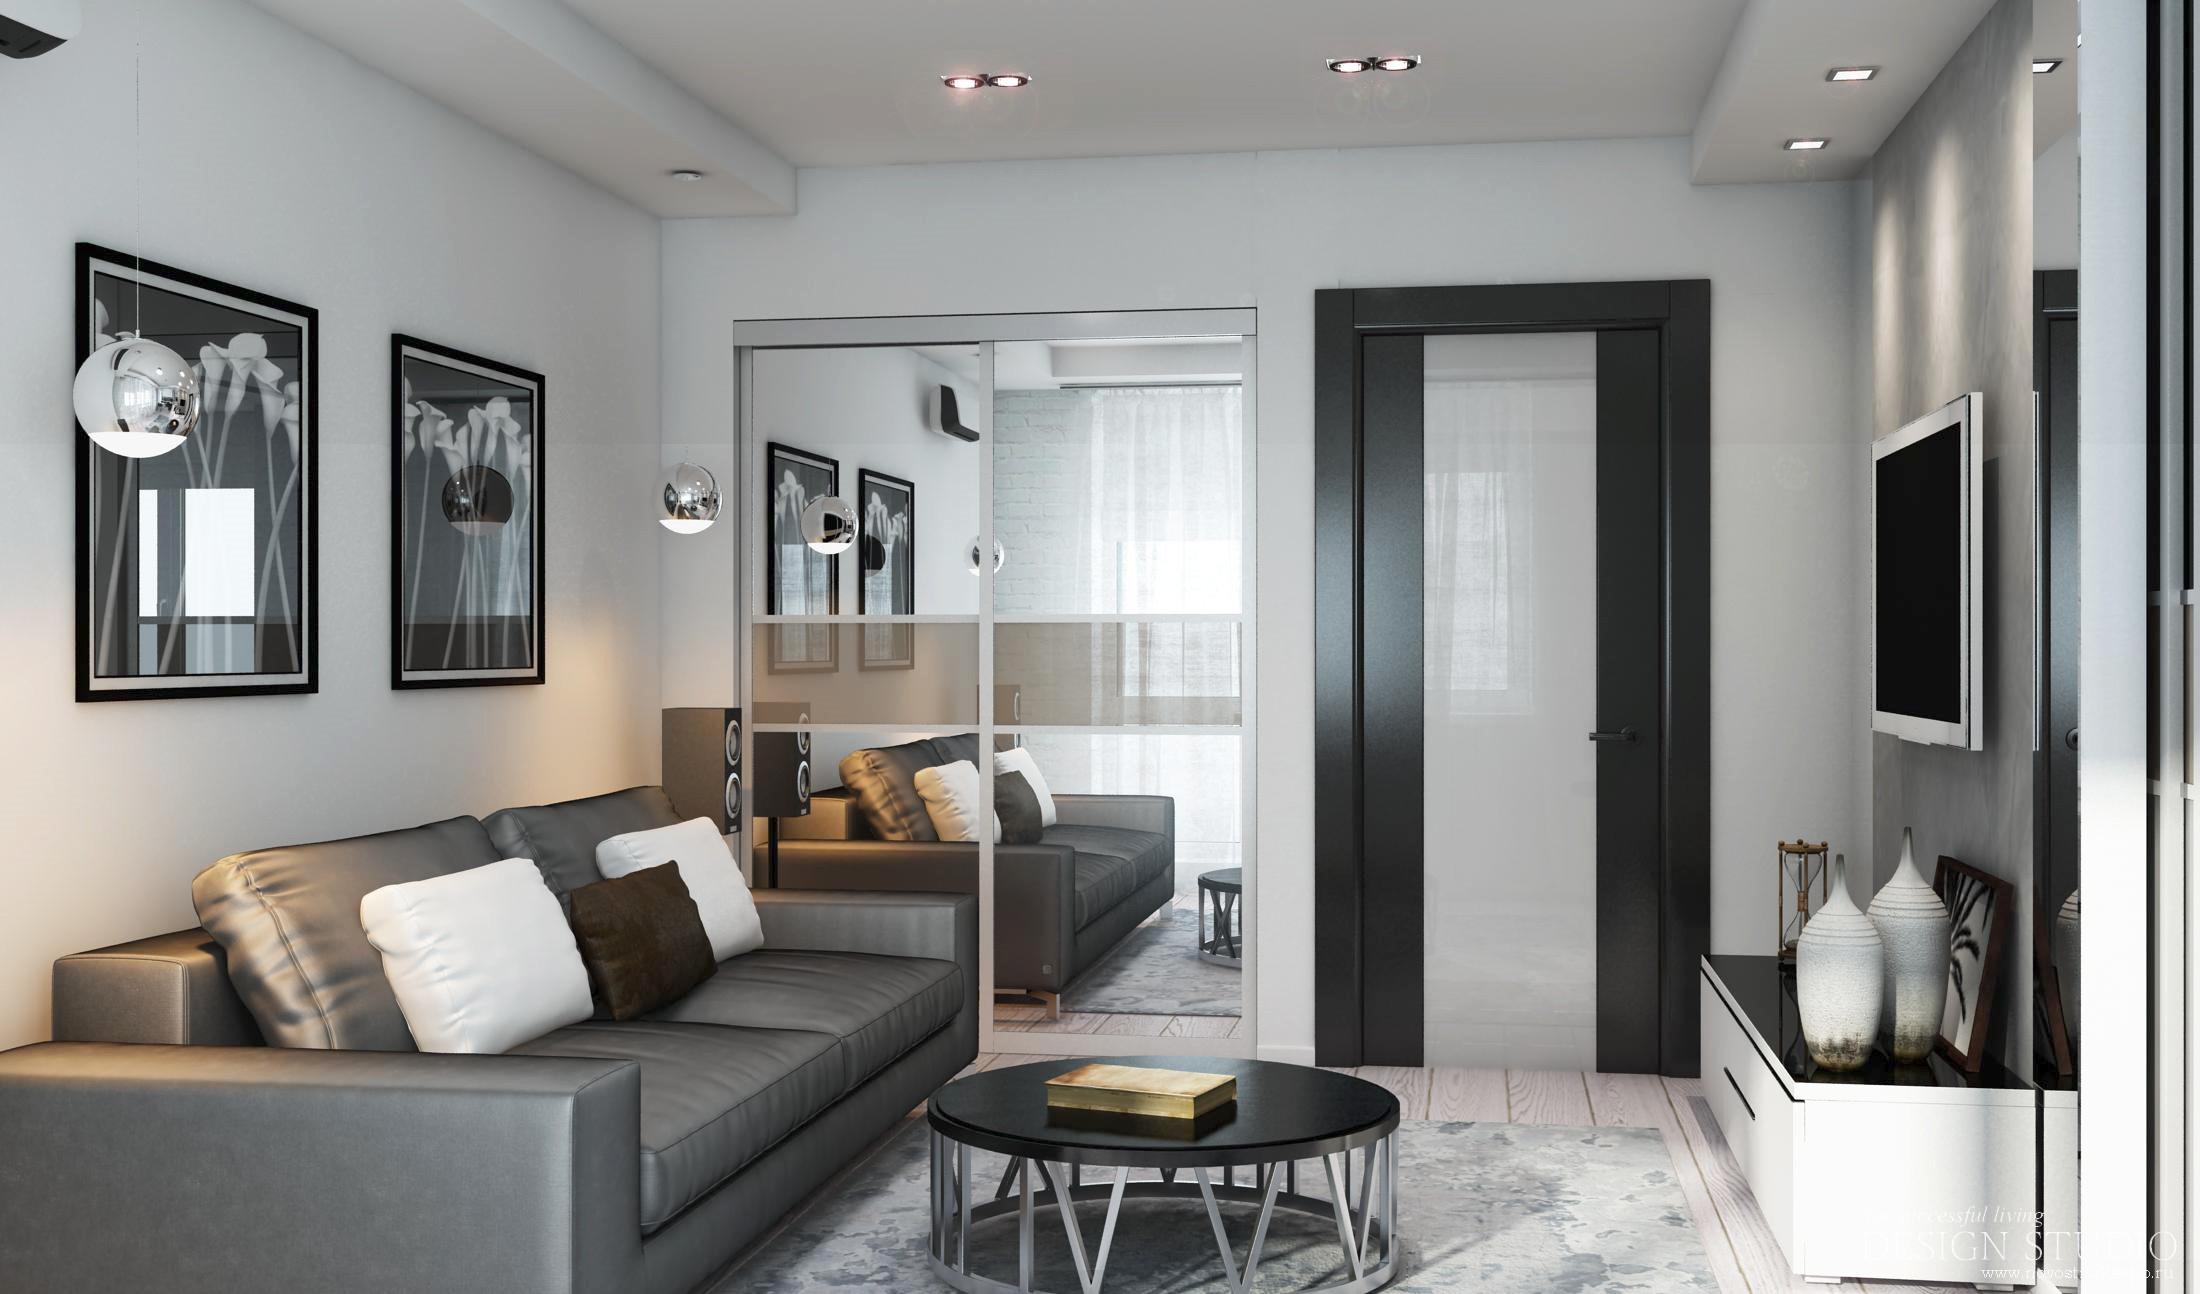 Купить трехкомнатную квартиру в Москве, район Куркино, без